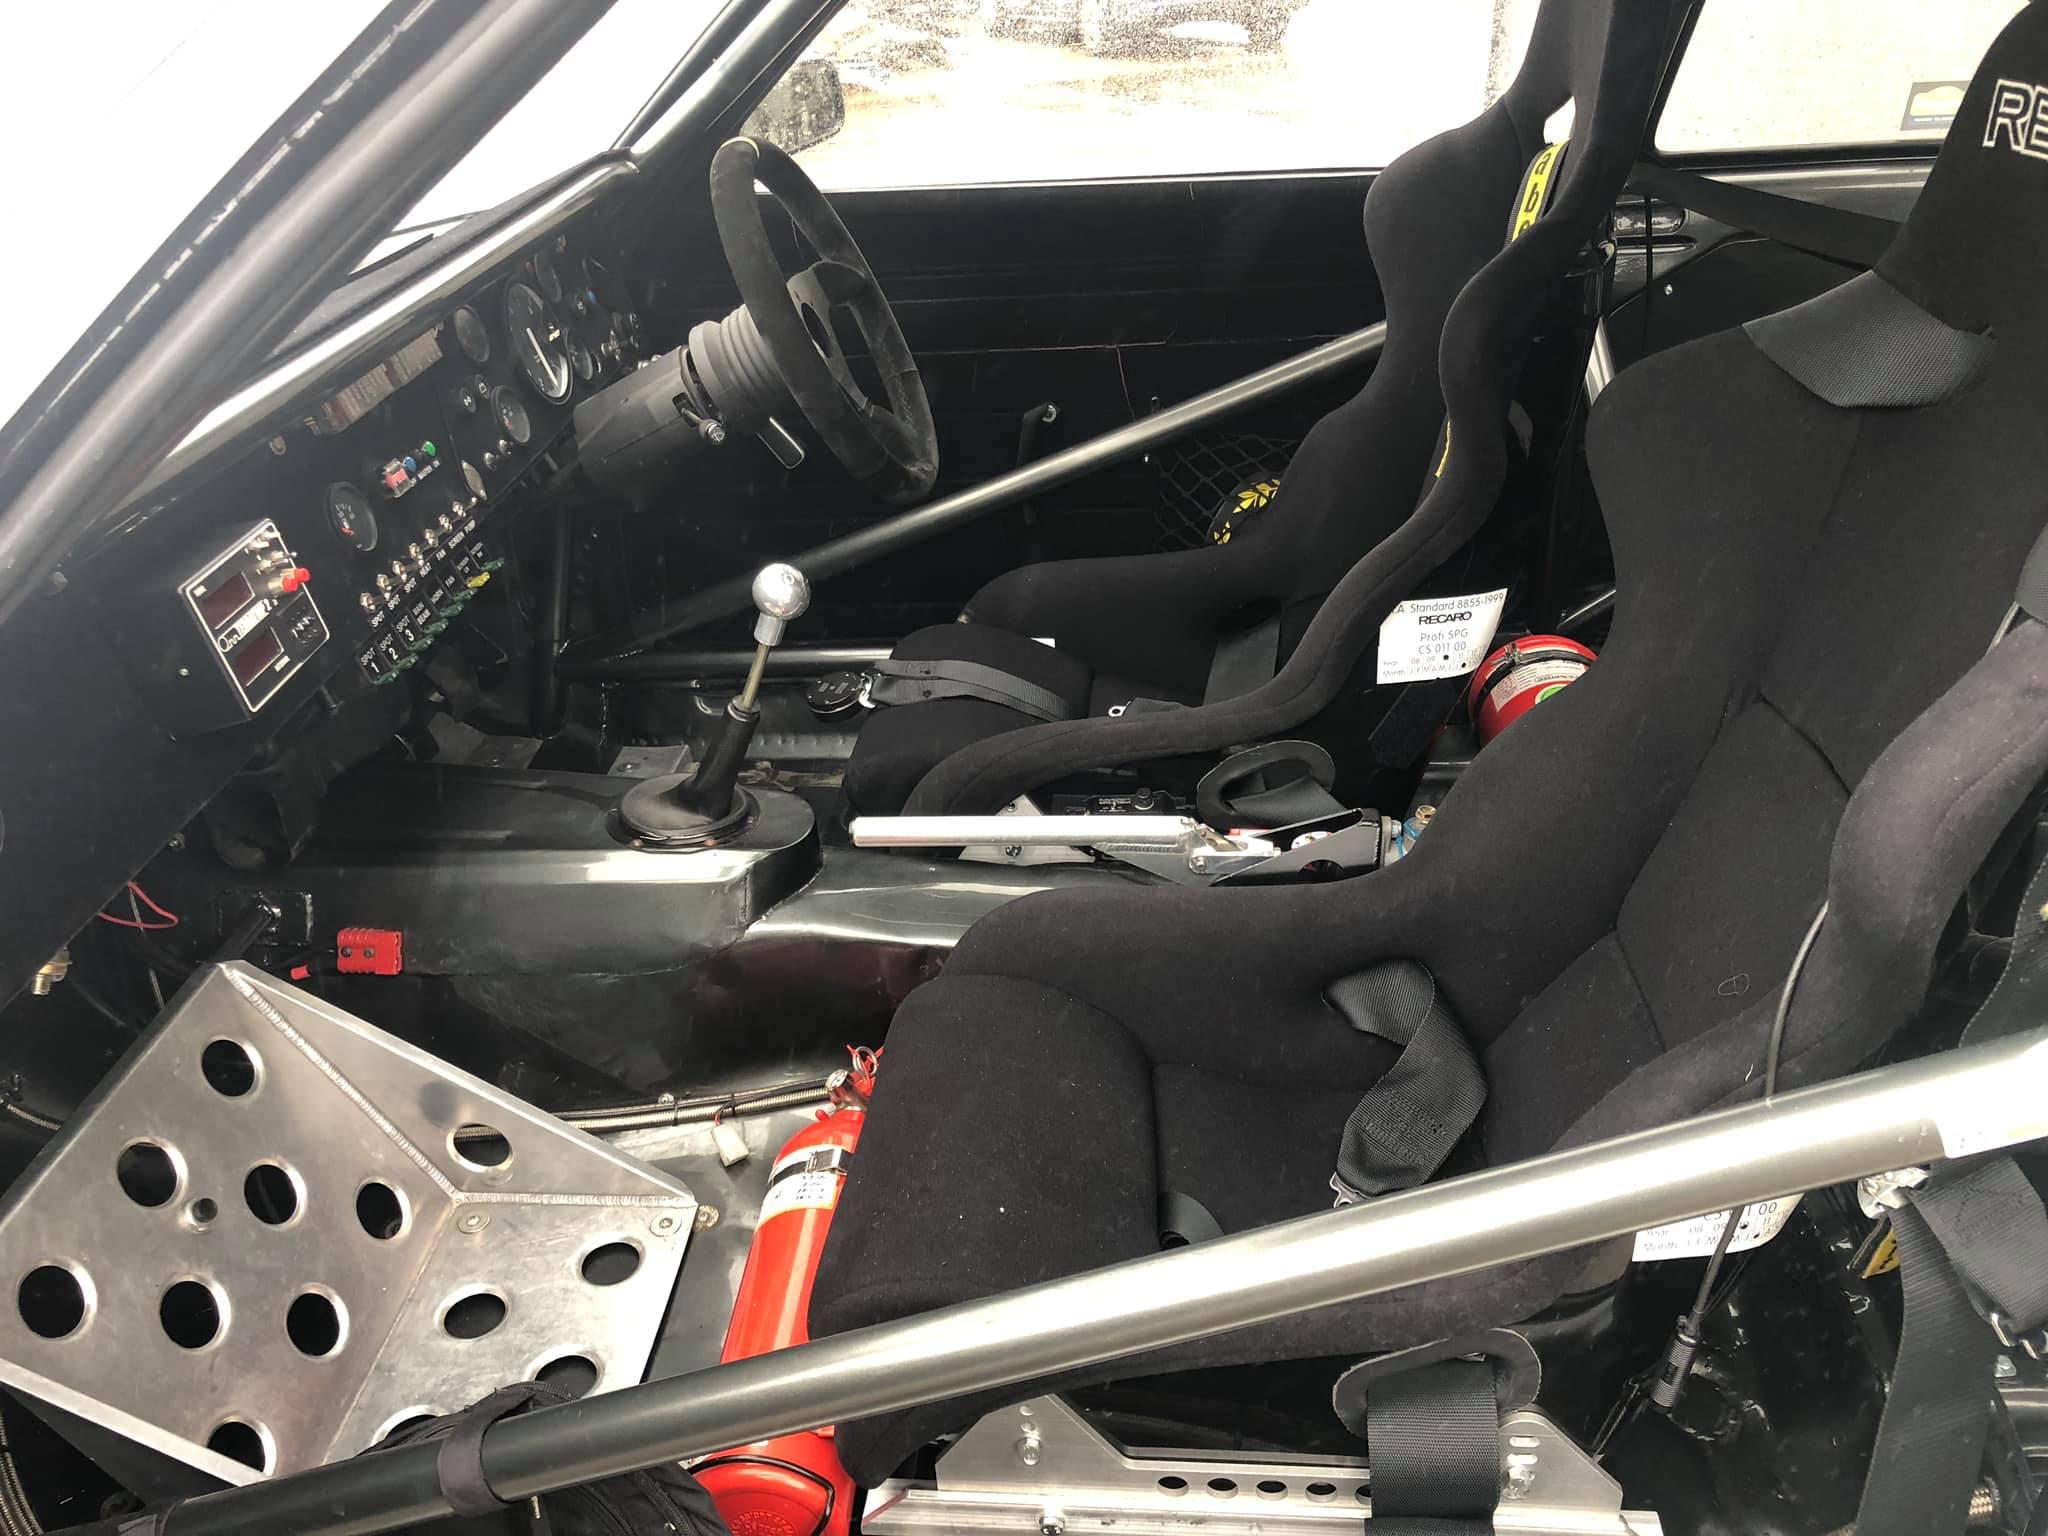 Opel-Ascona-400-FIA-Historic-car---4